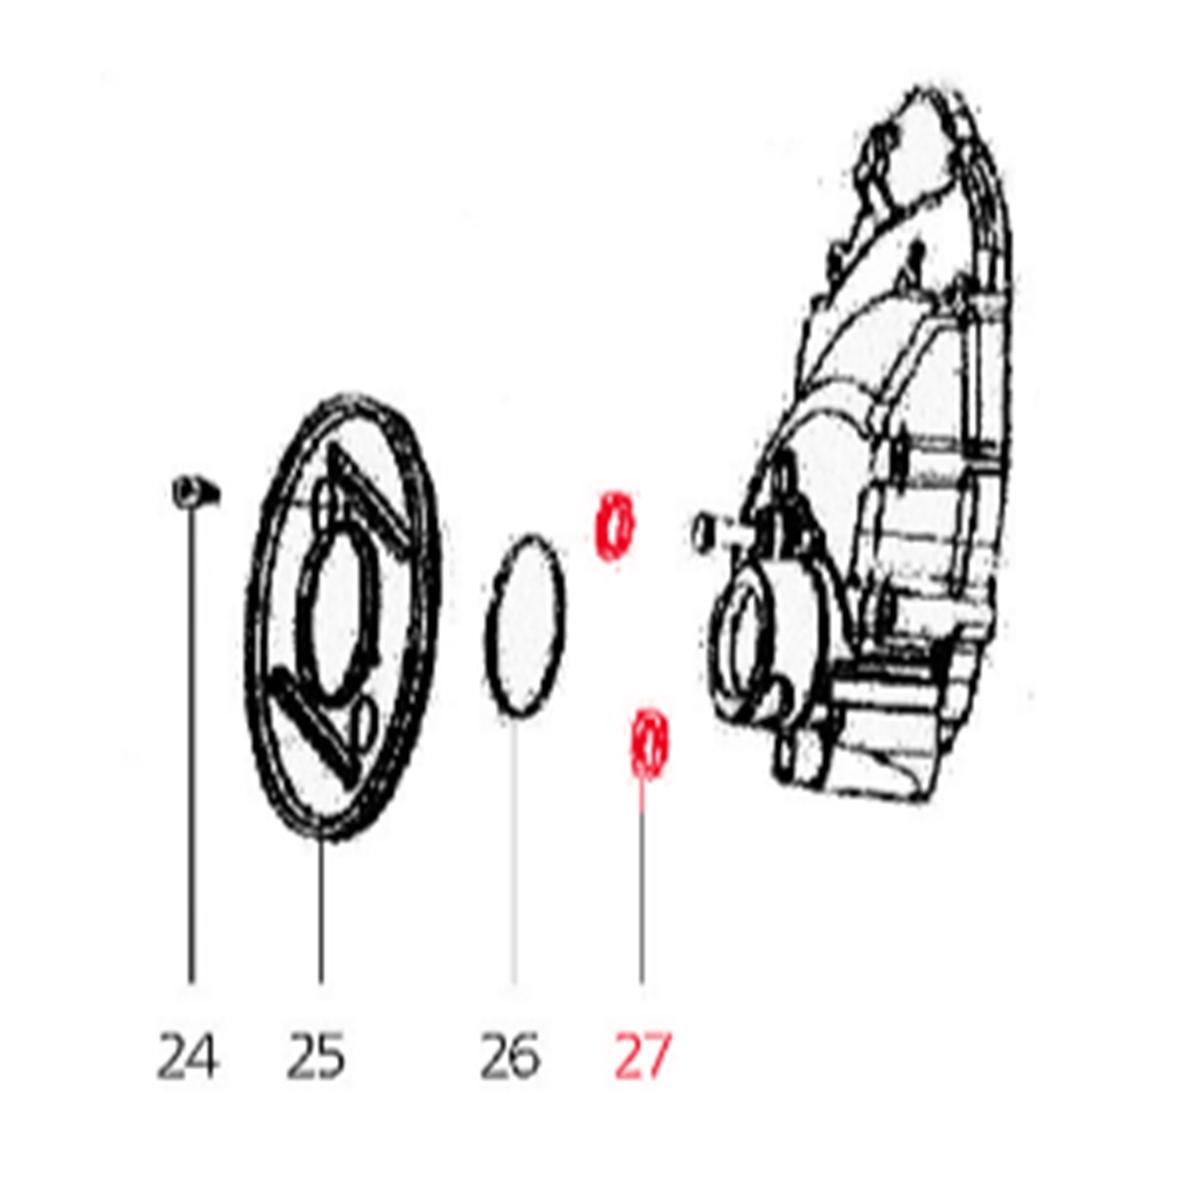 Zdjęcie produktu dla 'O-Ring blacha ochronna tylne koło (małe) Ø i 22mm, Ø a 28 mm grubość 3mm, LMLTitle'